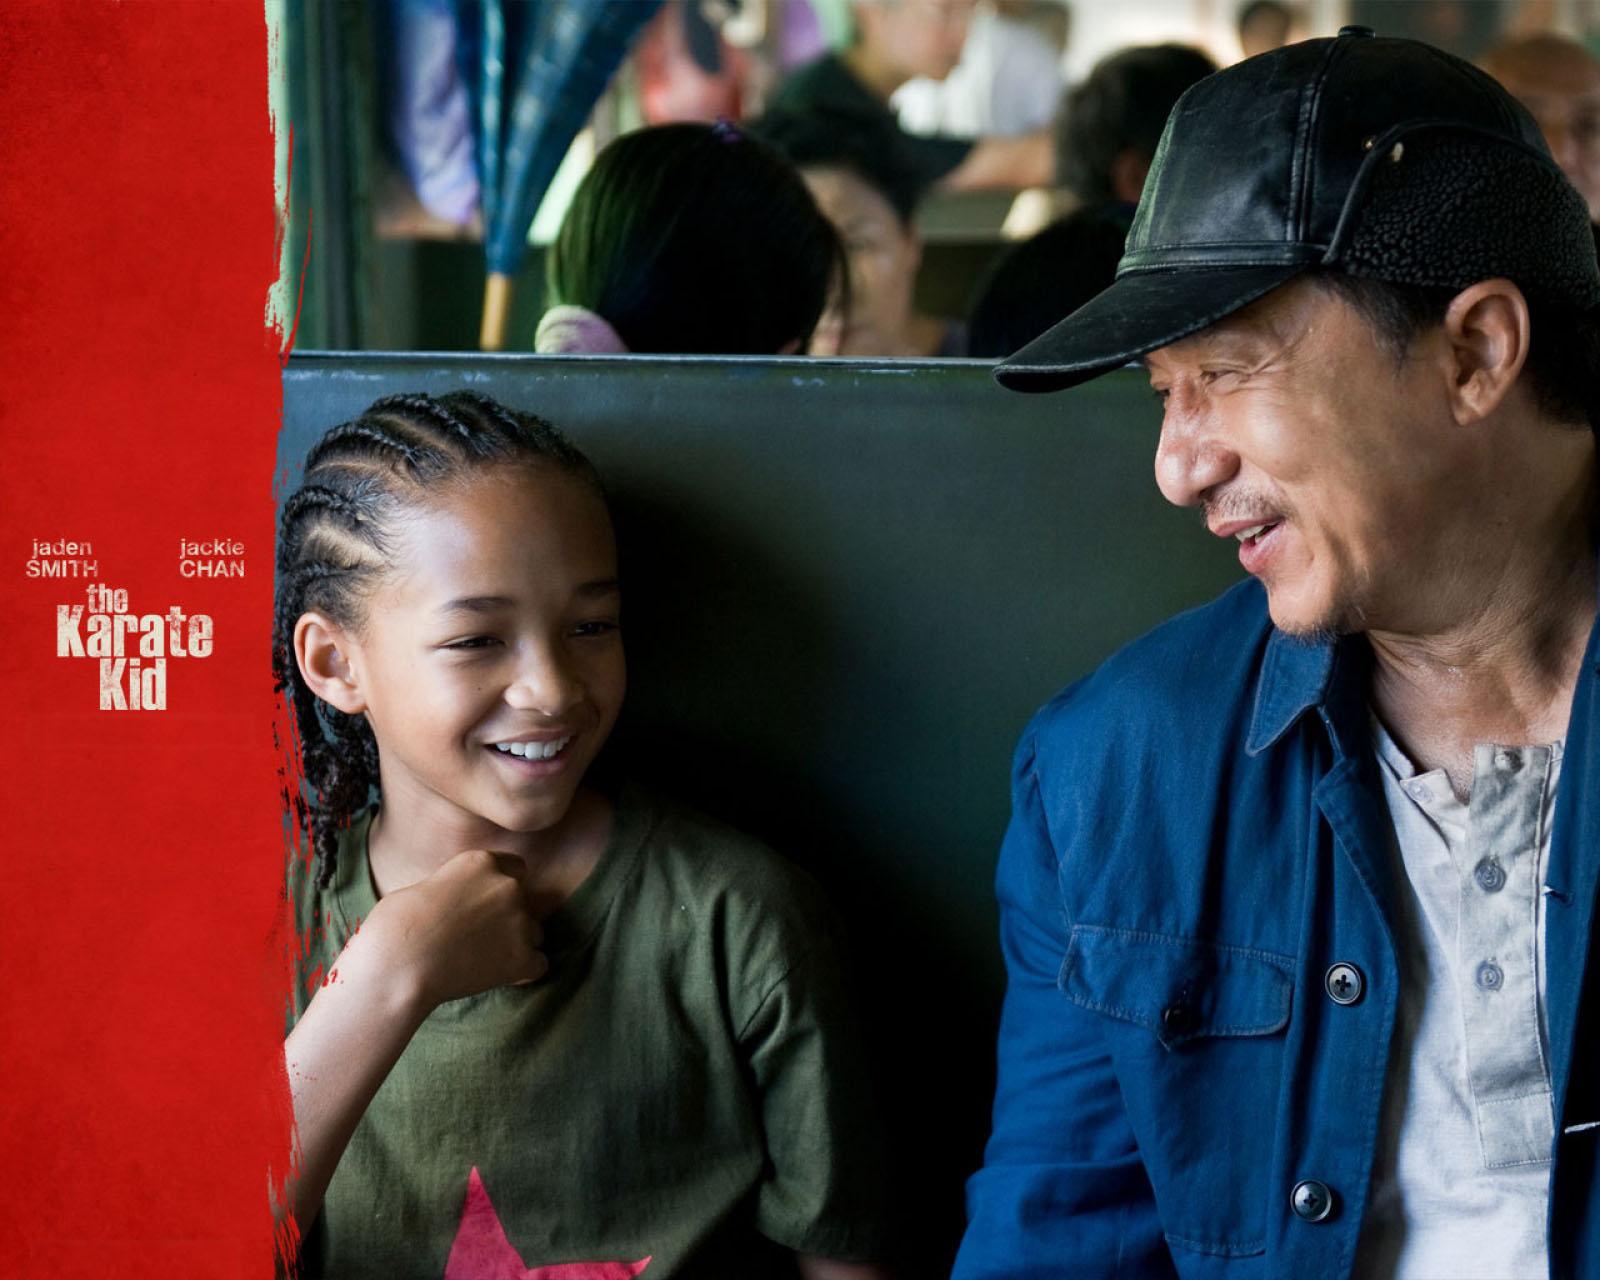 Films - The Karate Kid (2010)  Jackie Chan Jaden Smith The Karate Kid Wallpaper